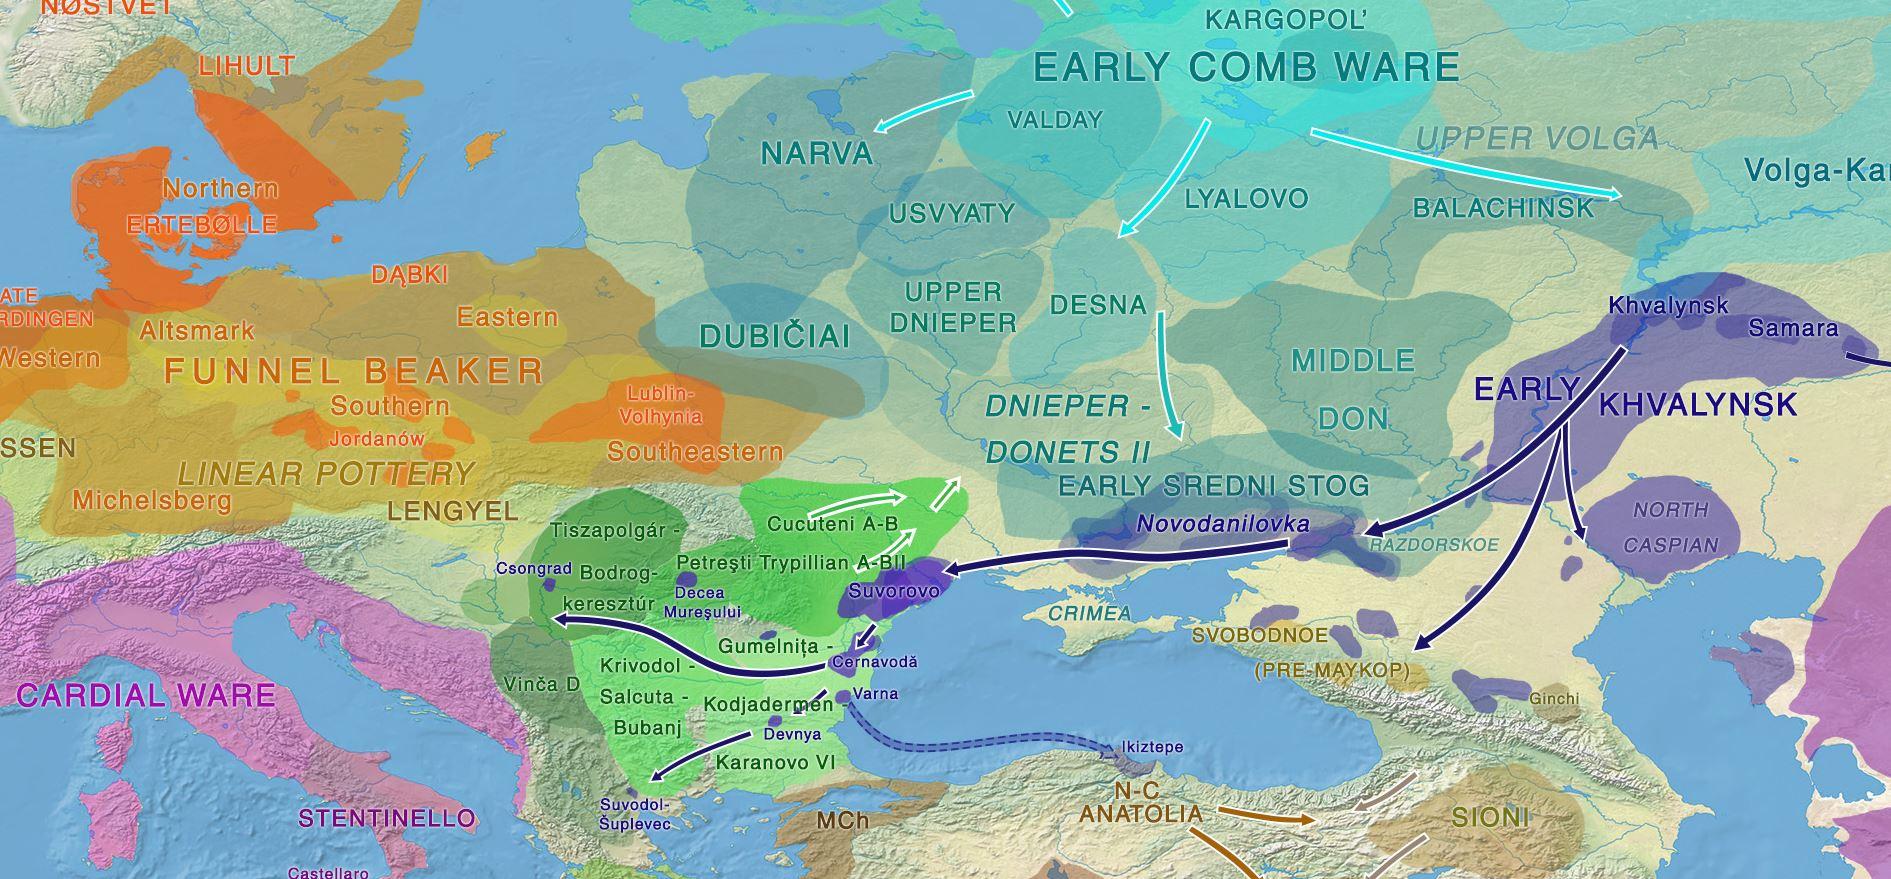 eneolitic